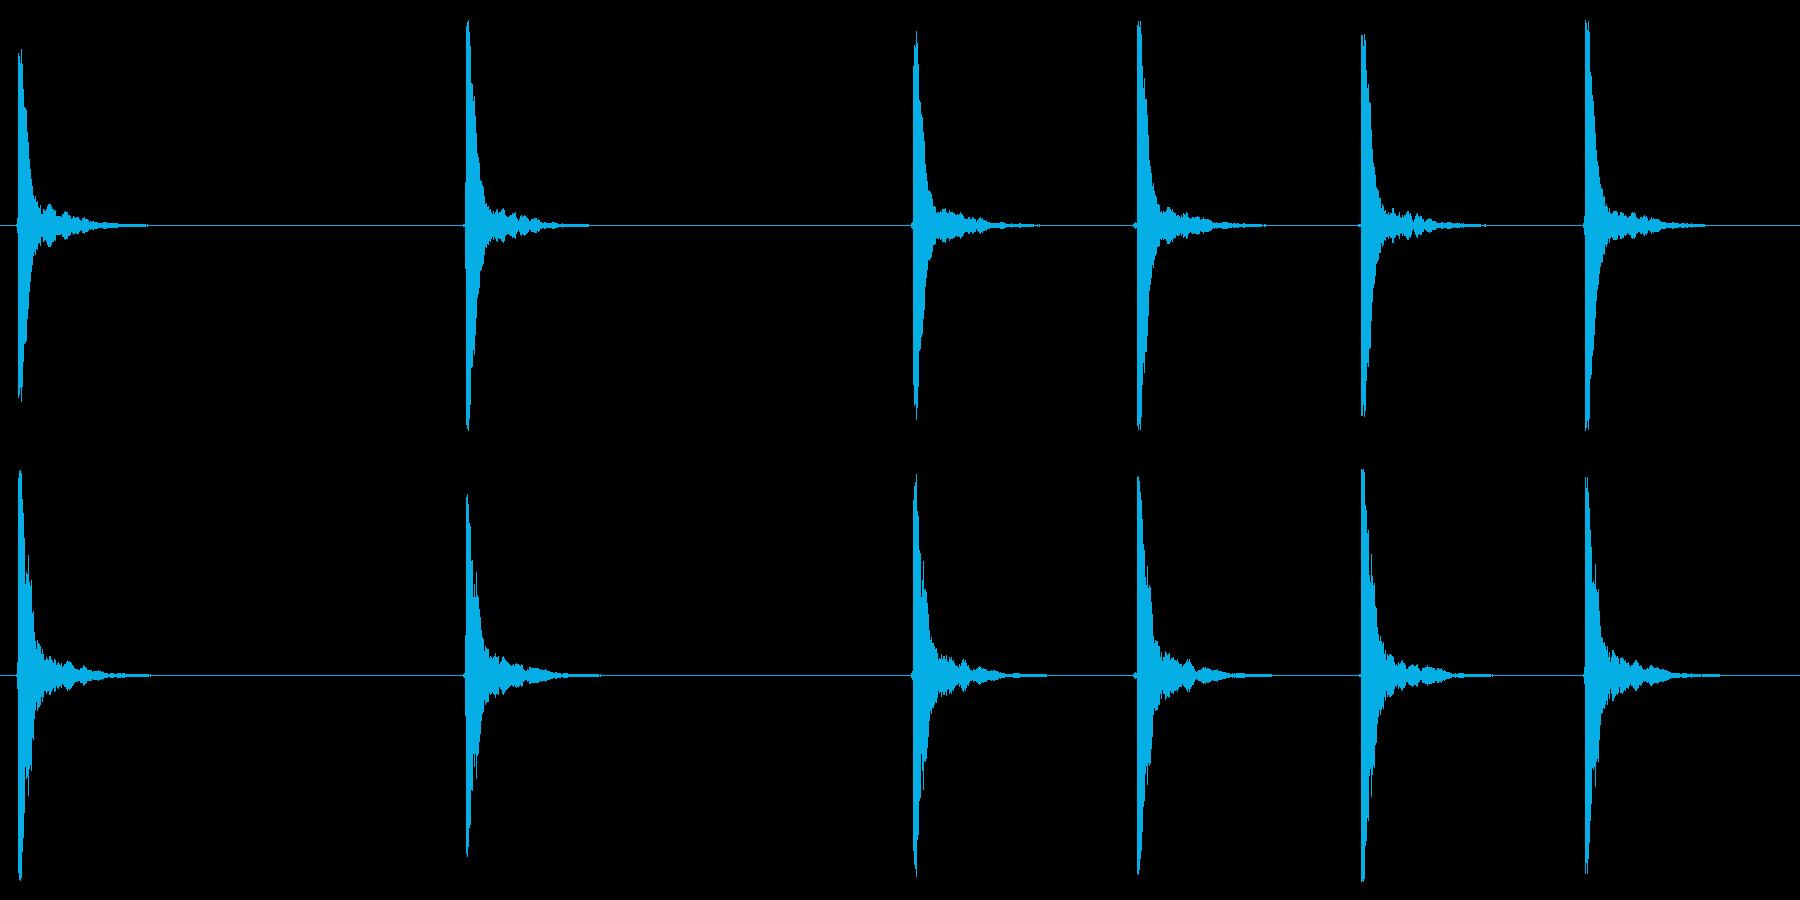 カウントダウン(カウベル)の再生済みの波形